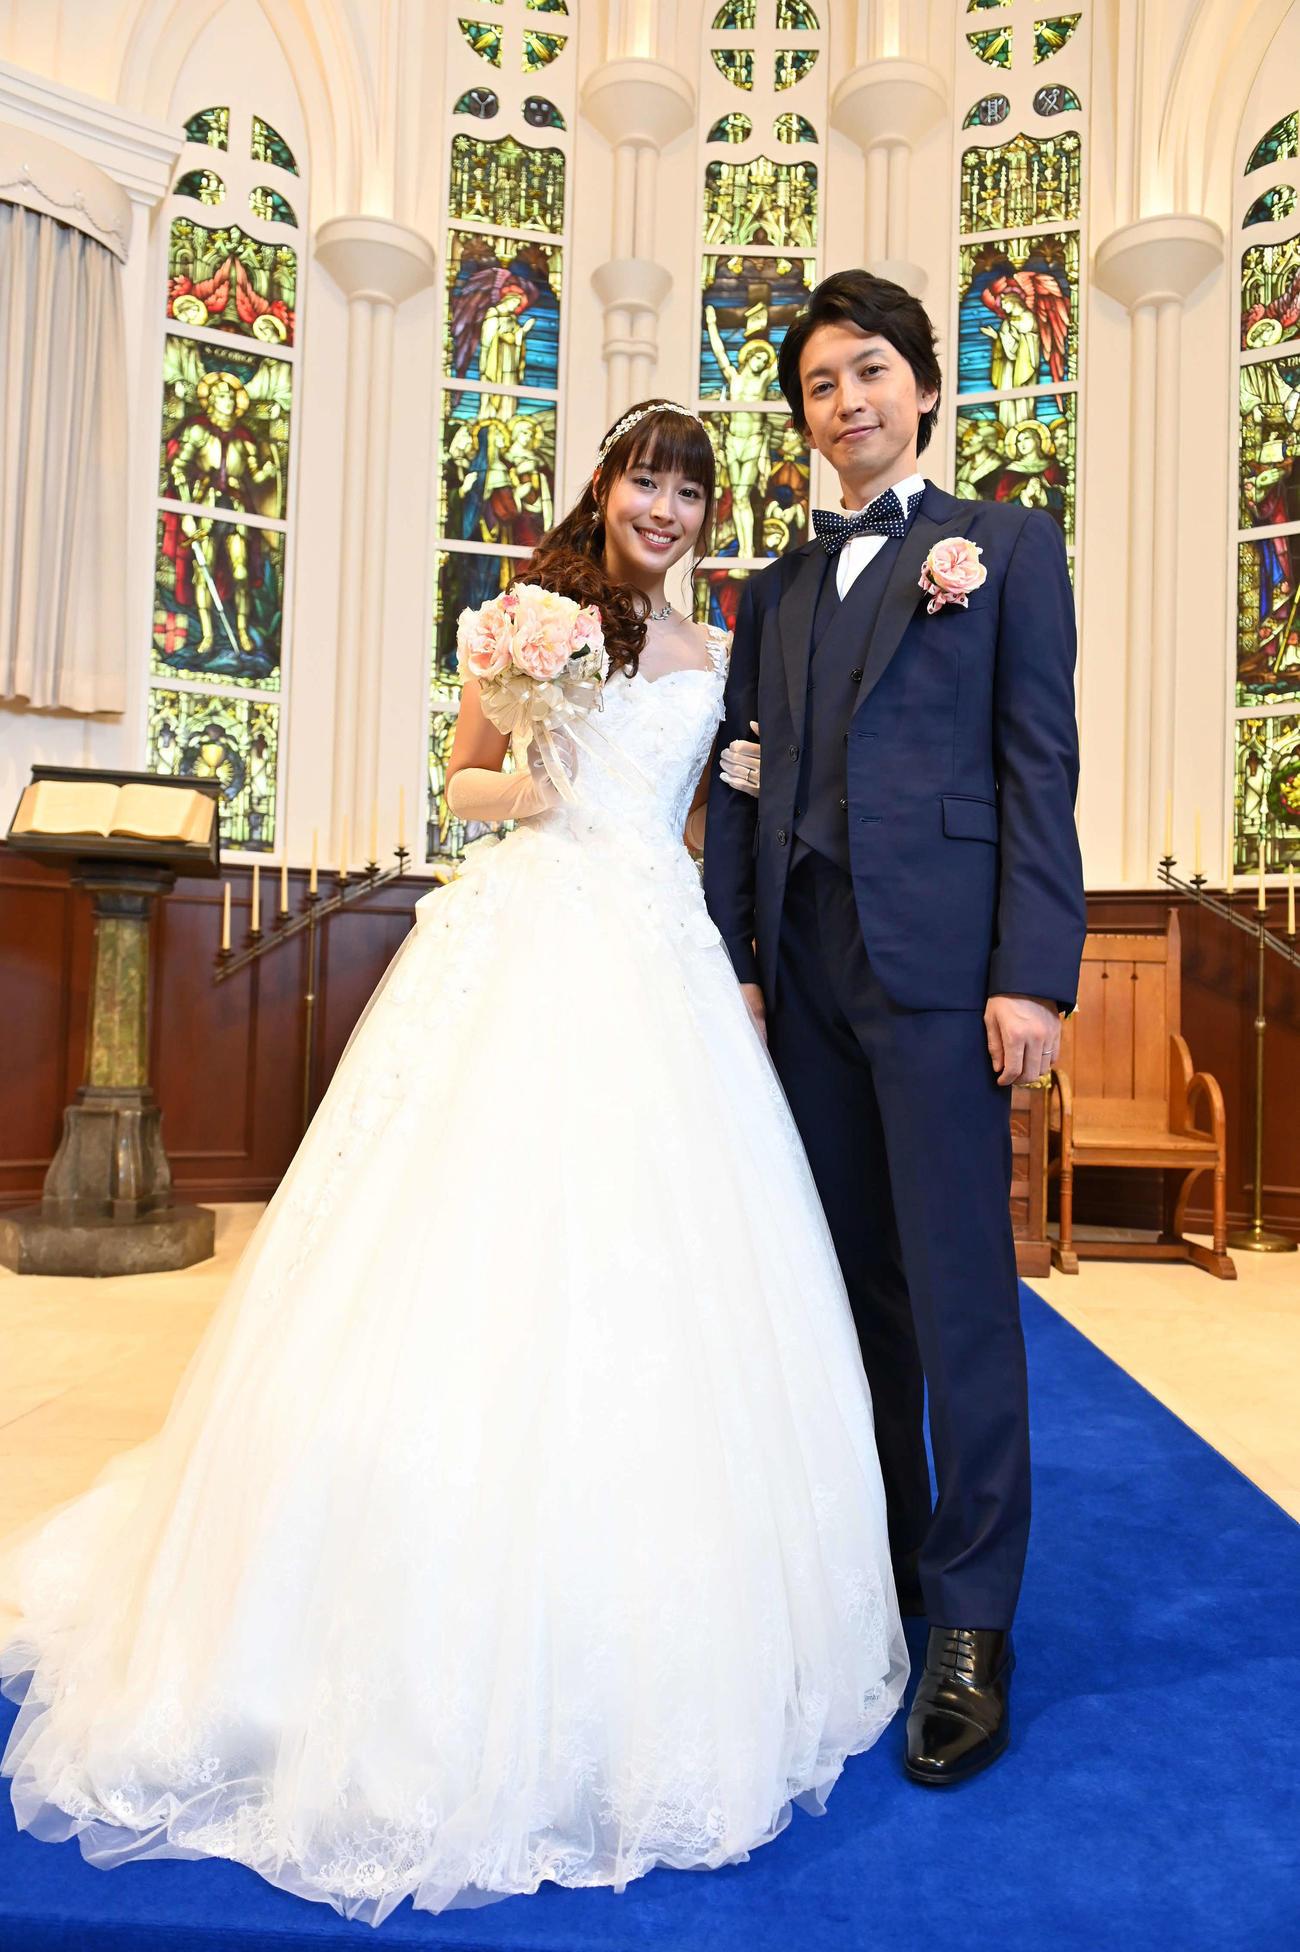 5年前に幸せな結婚式を妻の澪(広瀬アリス=左)と挙げた剣崎元春(大倉忠義)(ⓒフジテレビ)